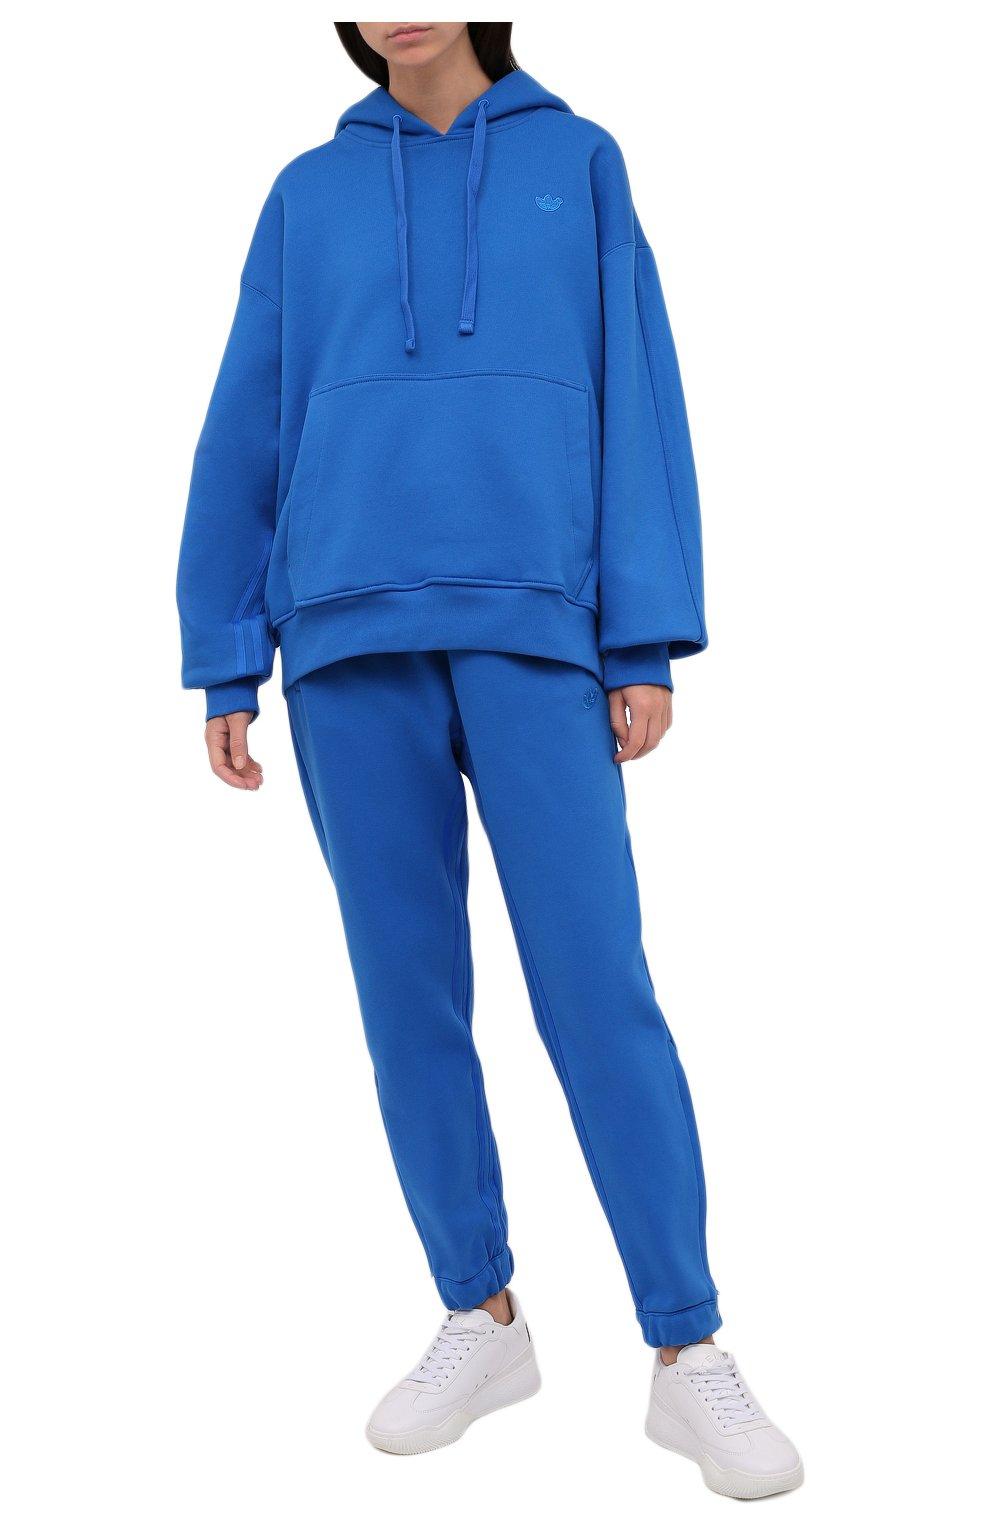 Женский хлопковое худи ADIDAS ORIGINALS синего цвета, арт. H33459   Фото 2 (Рукава: Длинные; Длина (для топов): Стандартные; Женское Кросс-КТ: Худи-спорт, Худи-одежда; Материал внешний: Хлопок; Стили: Спорт-шик)